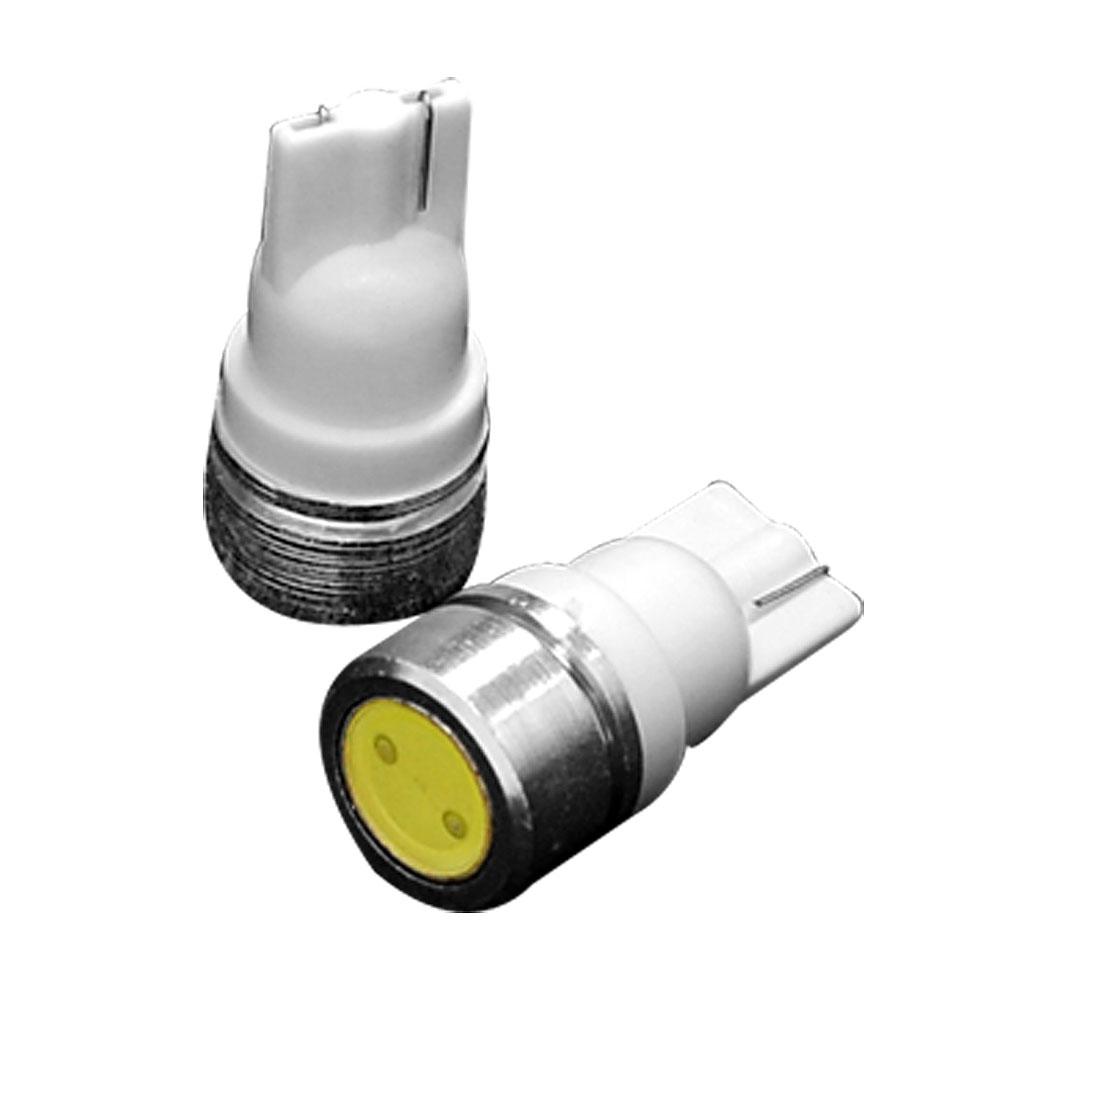 Car T10 W5W 1-LED White SMD Lamp Bulb Auto Bright Light 2 Pcs